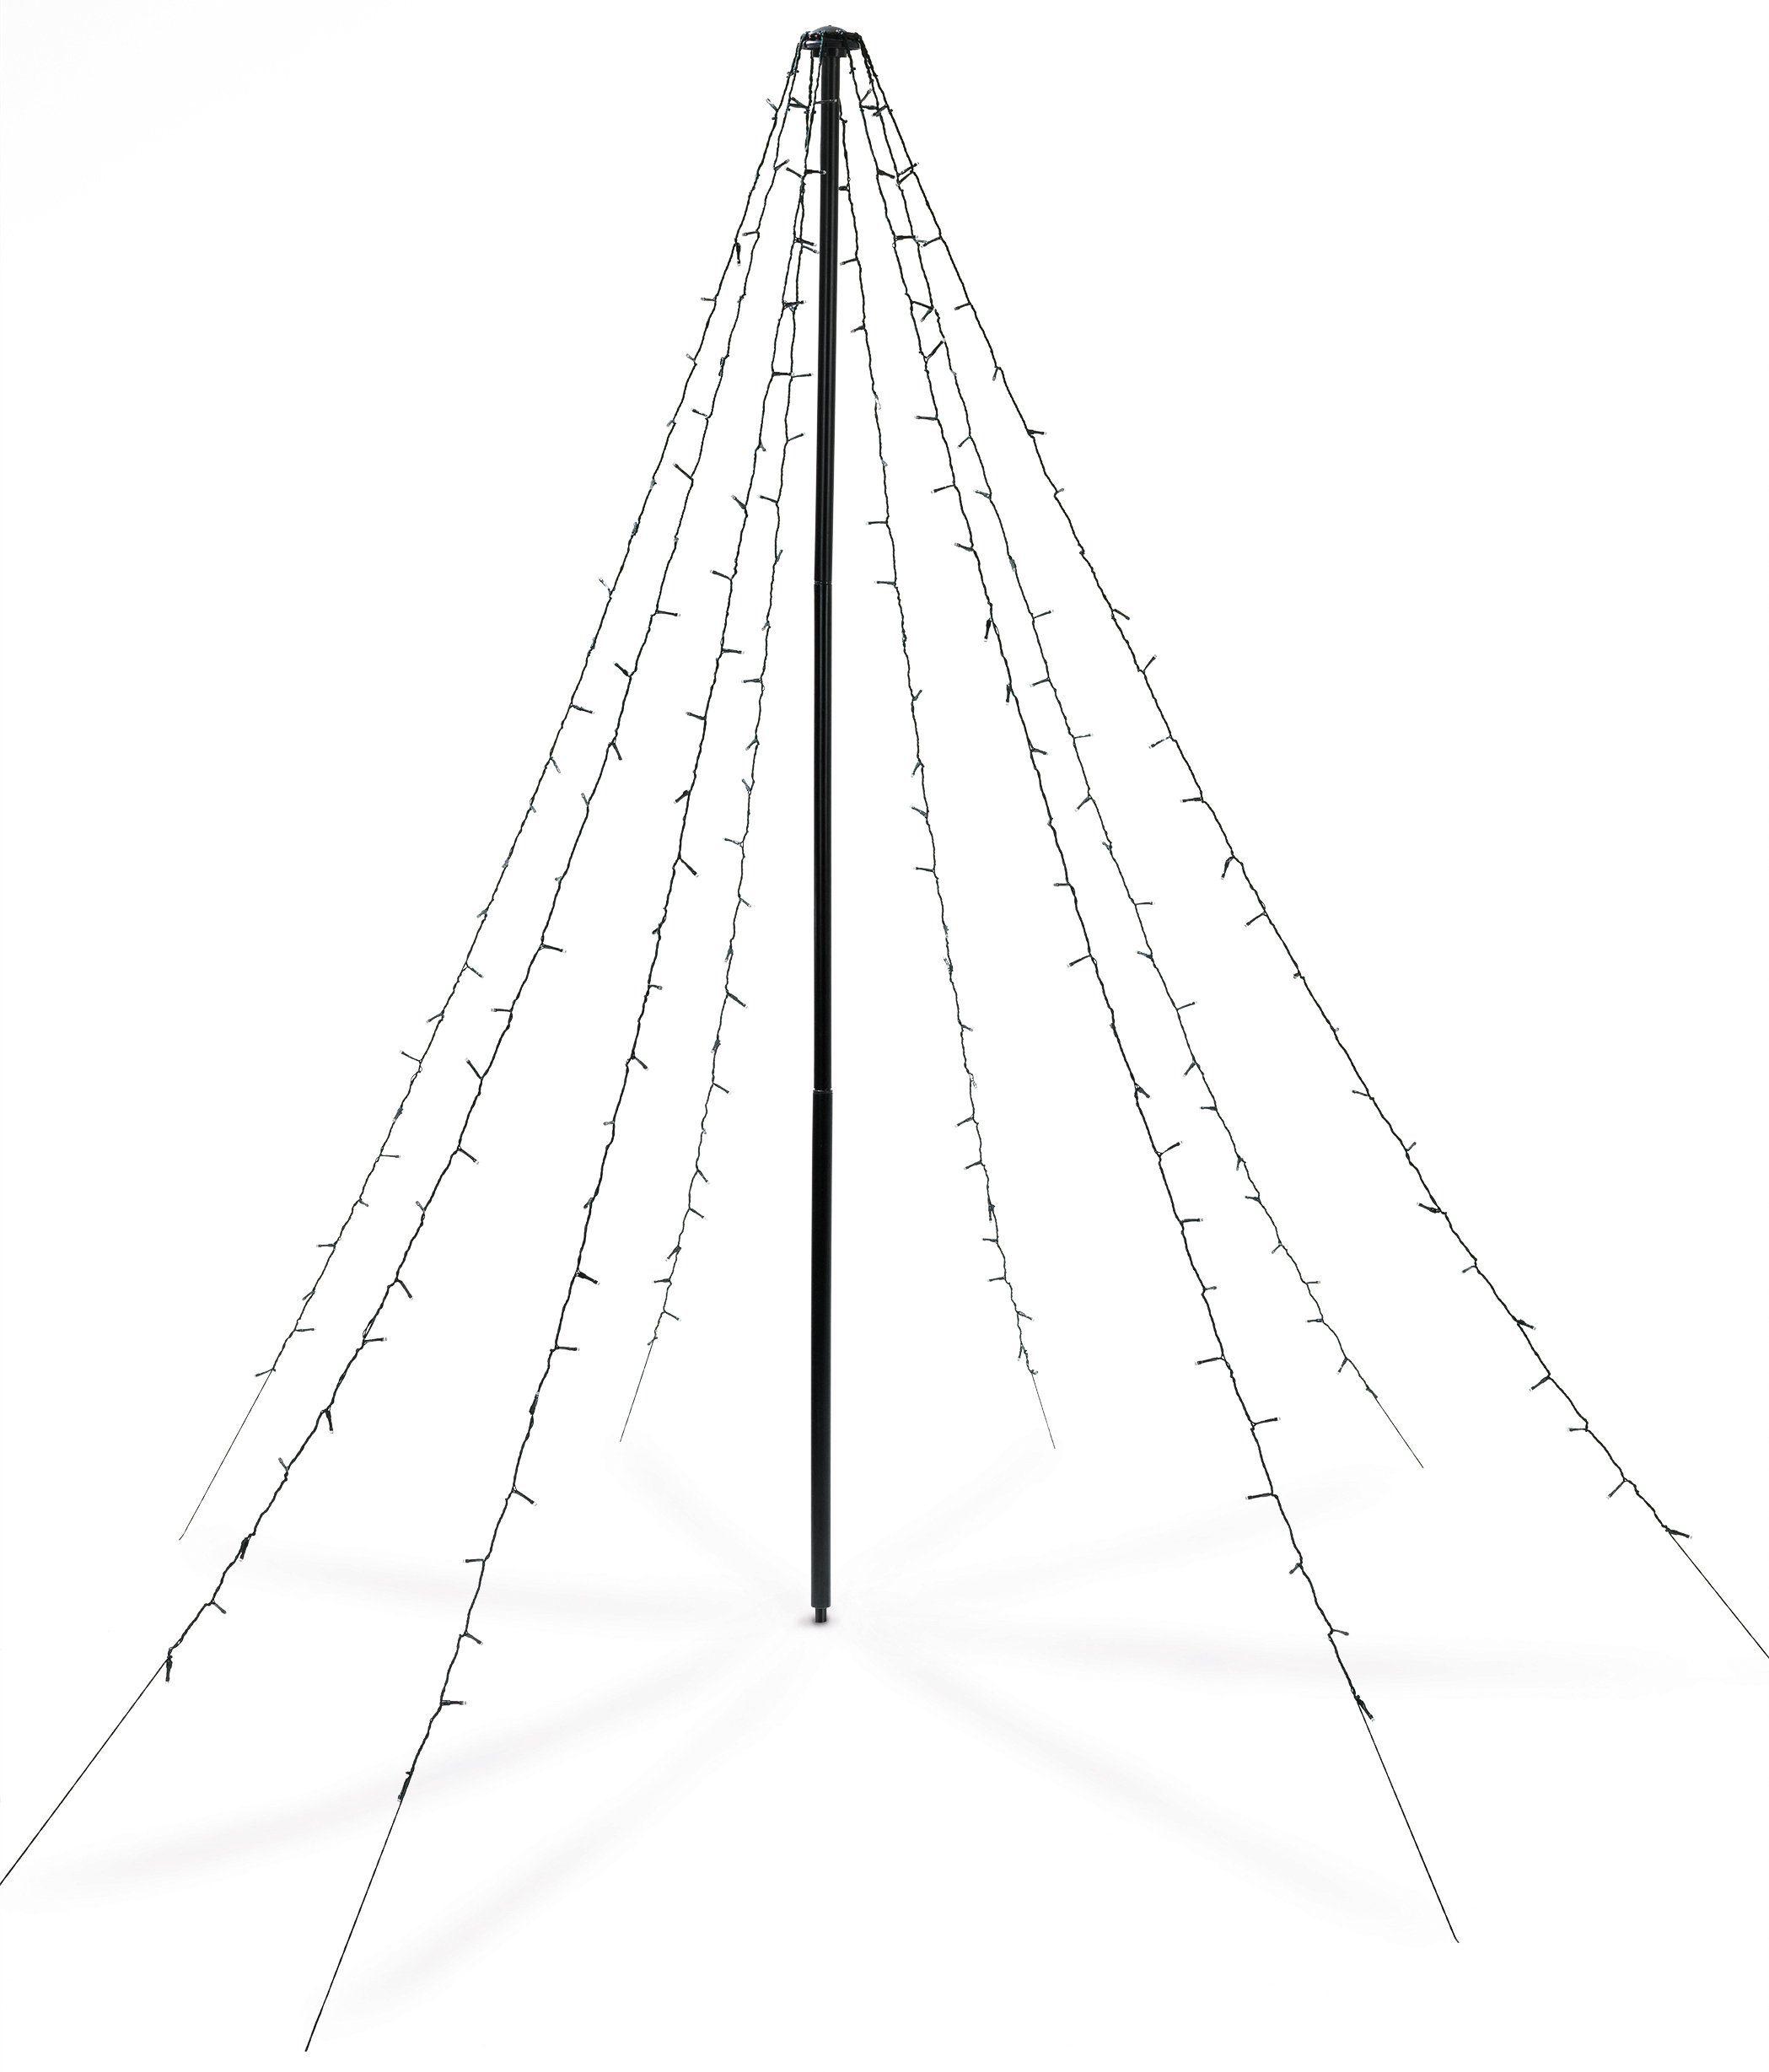 christmaxx lef-lichtpyramide 2 meter hoch zum schnäppchenpreis